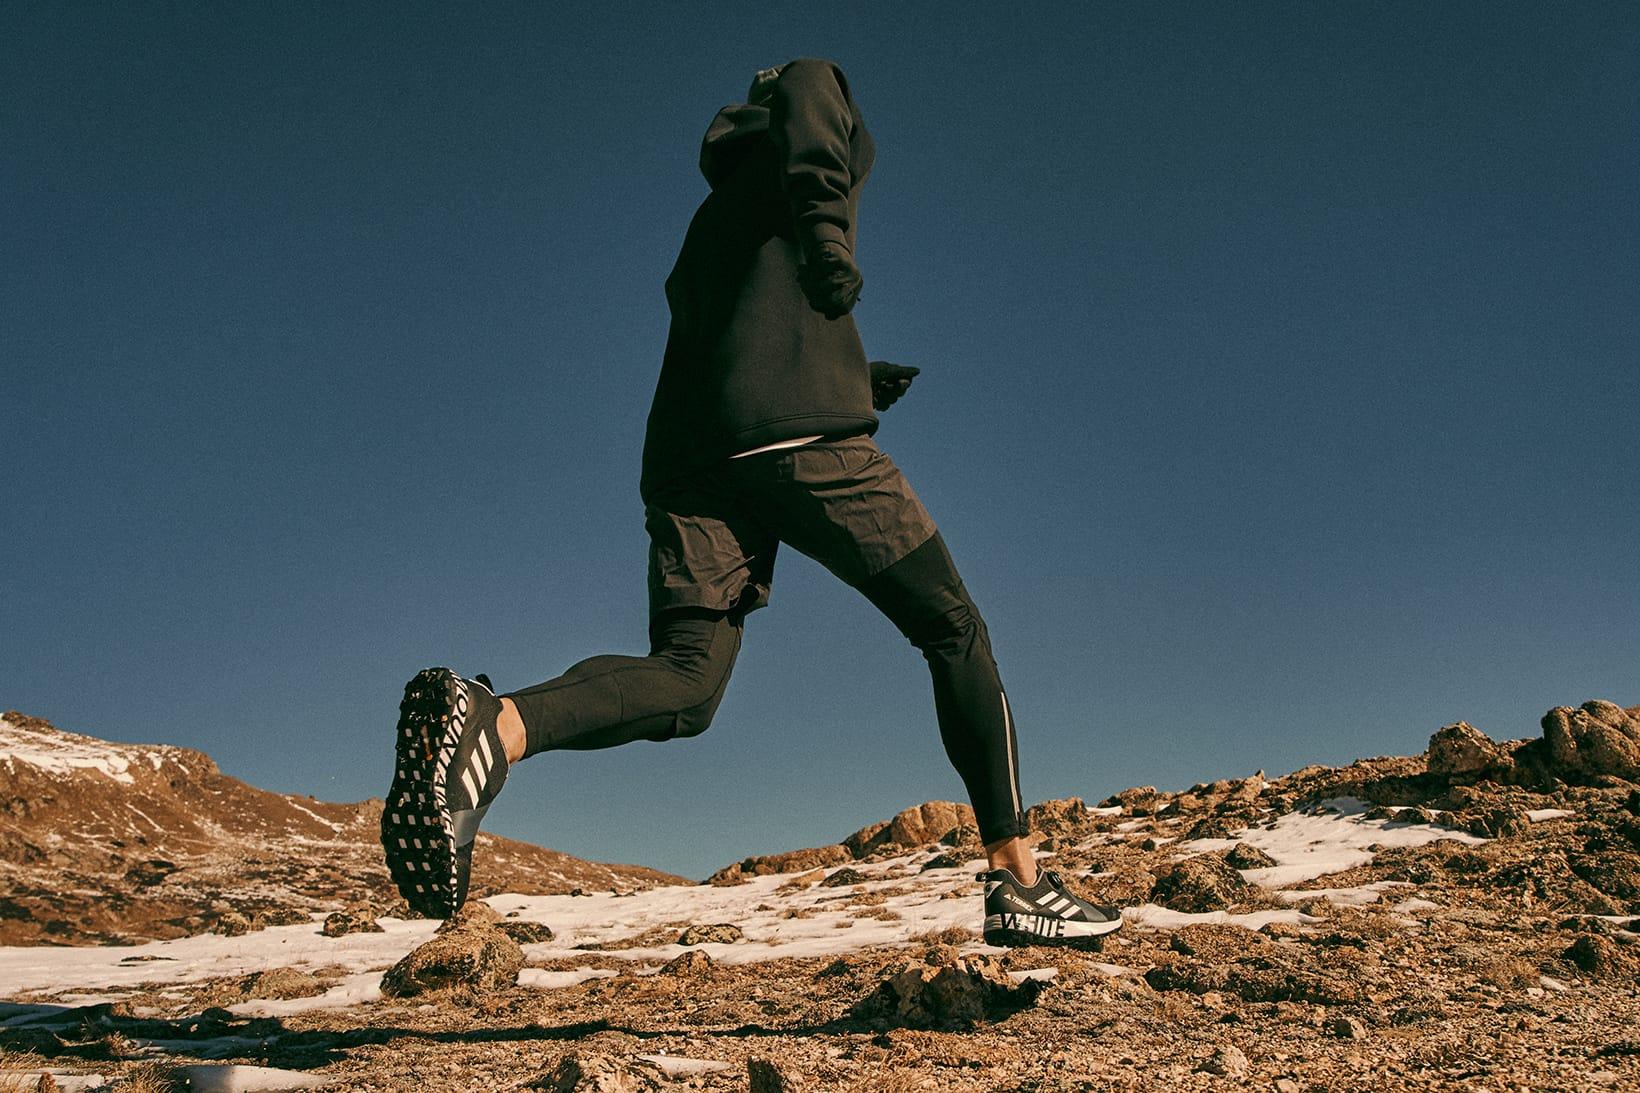 adidas TERREX x White Mountaineering